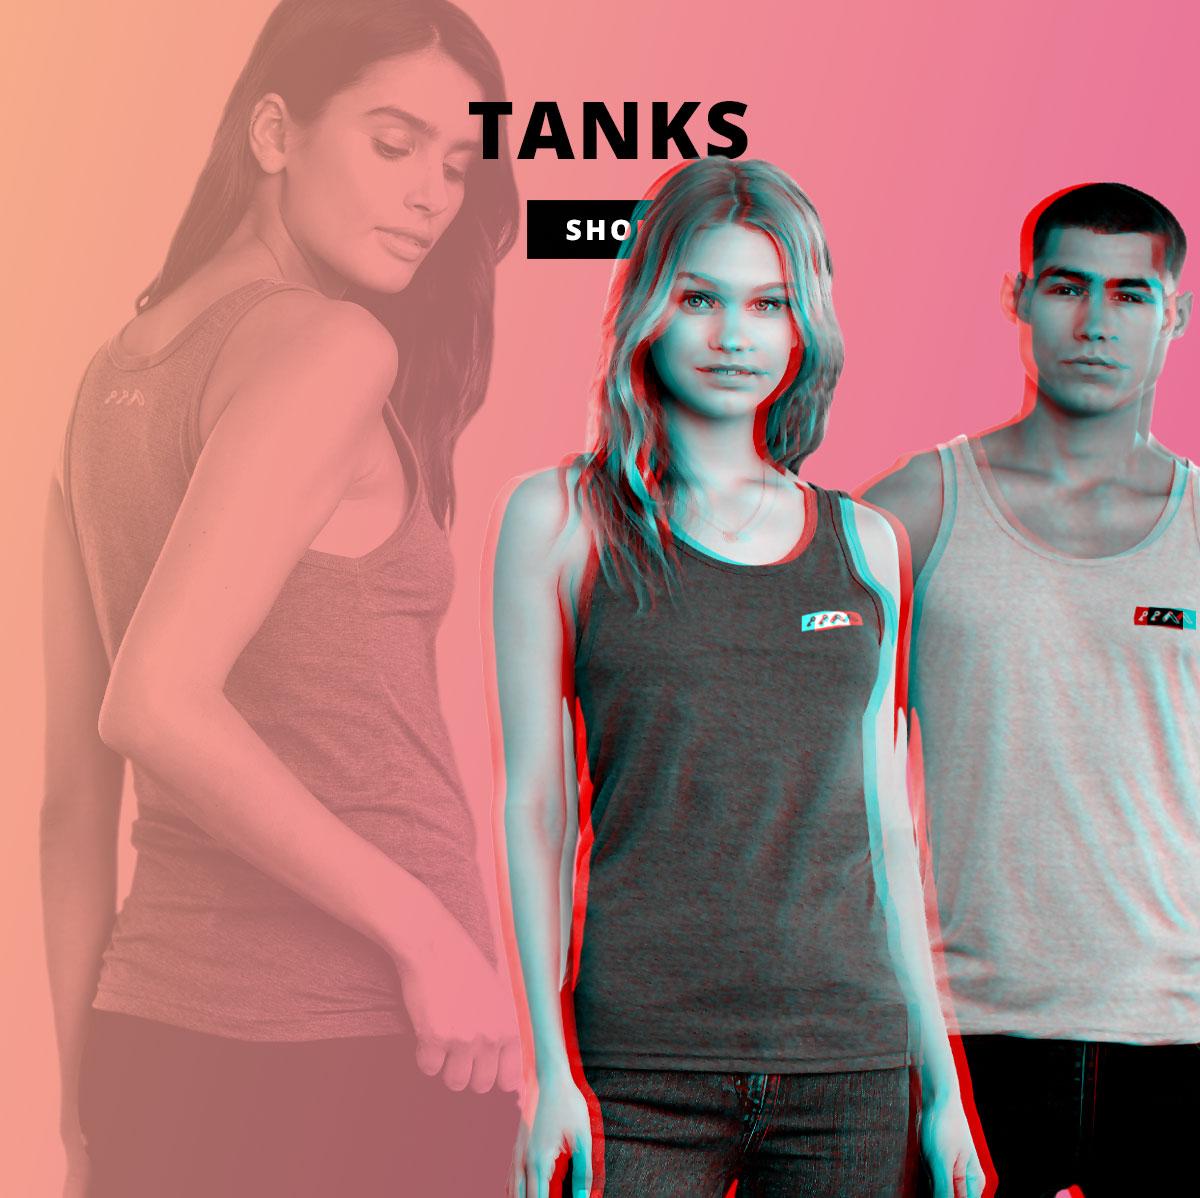 kikicutt tanks